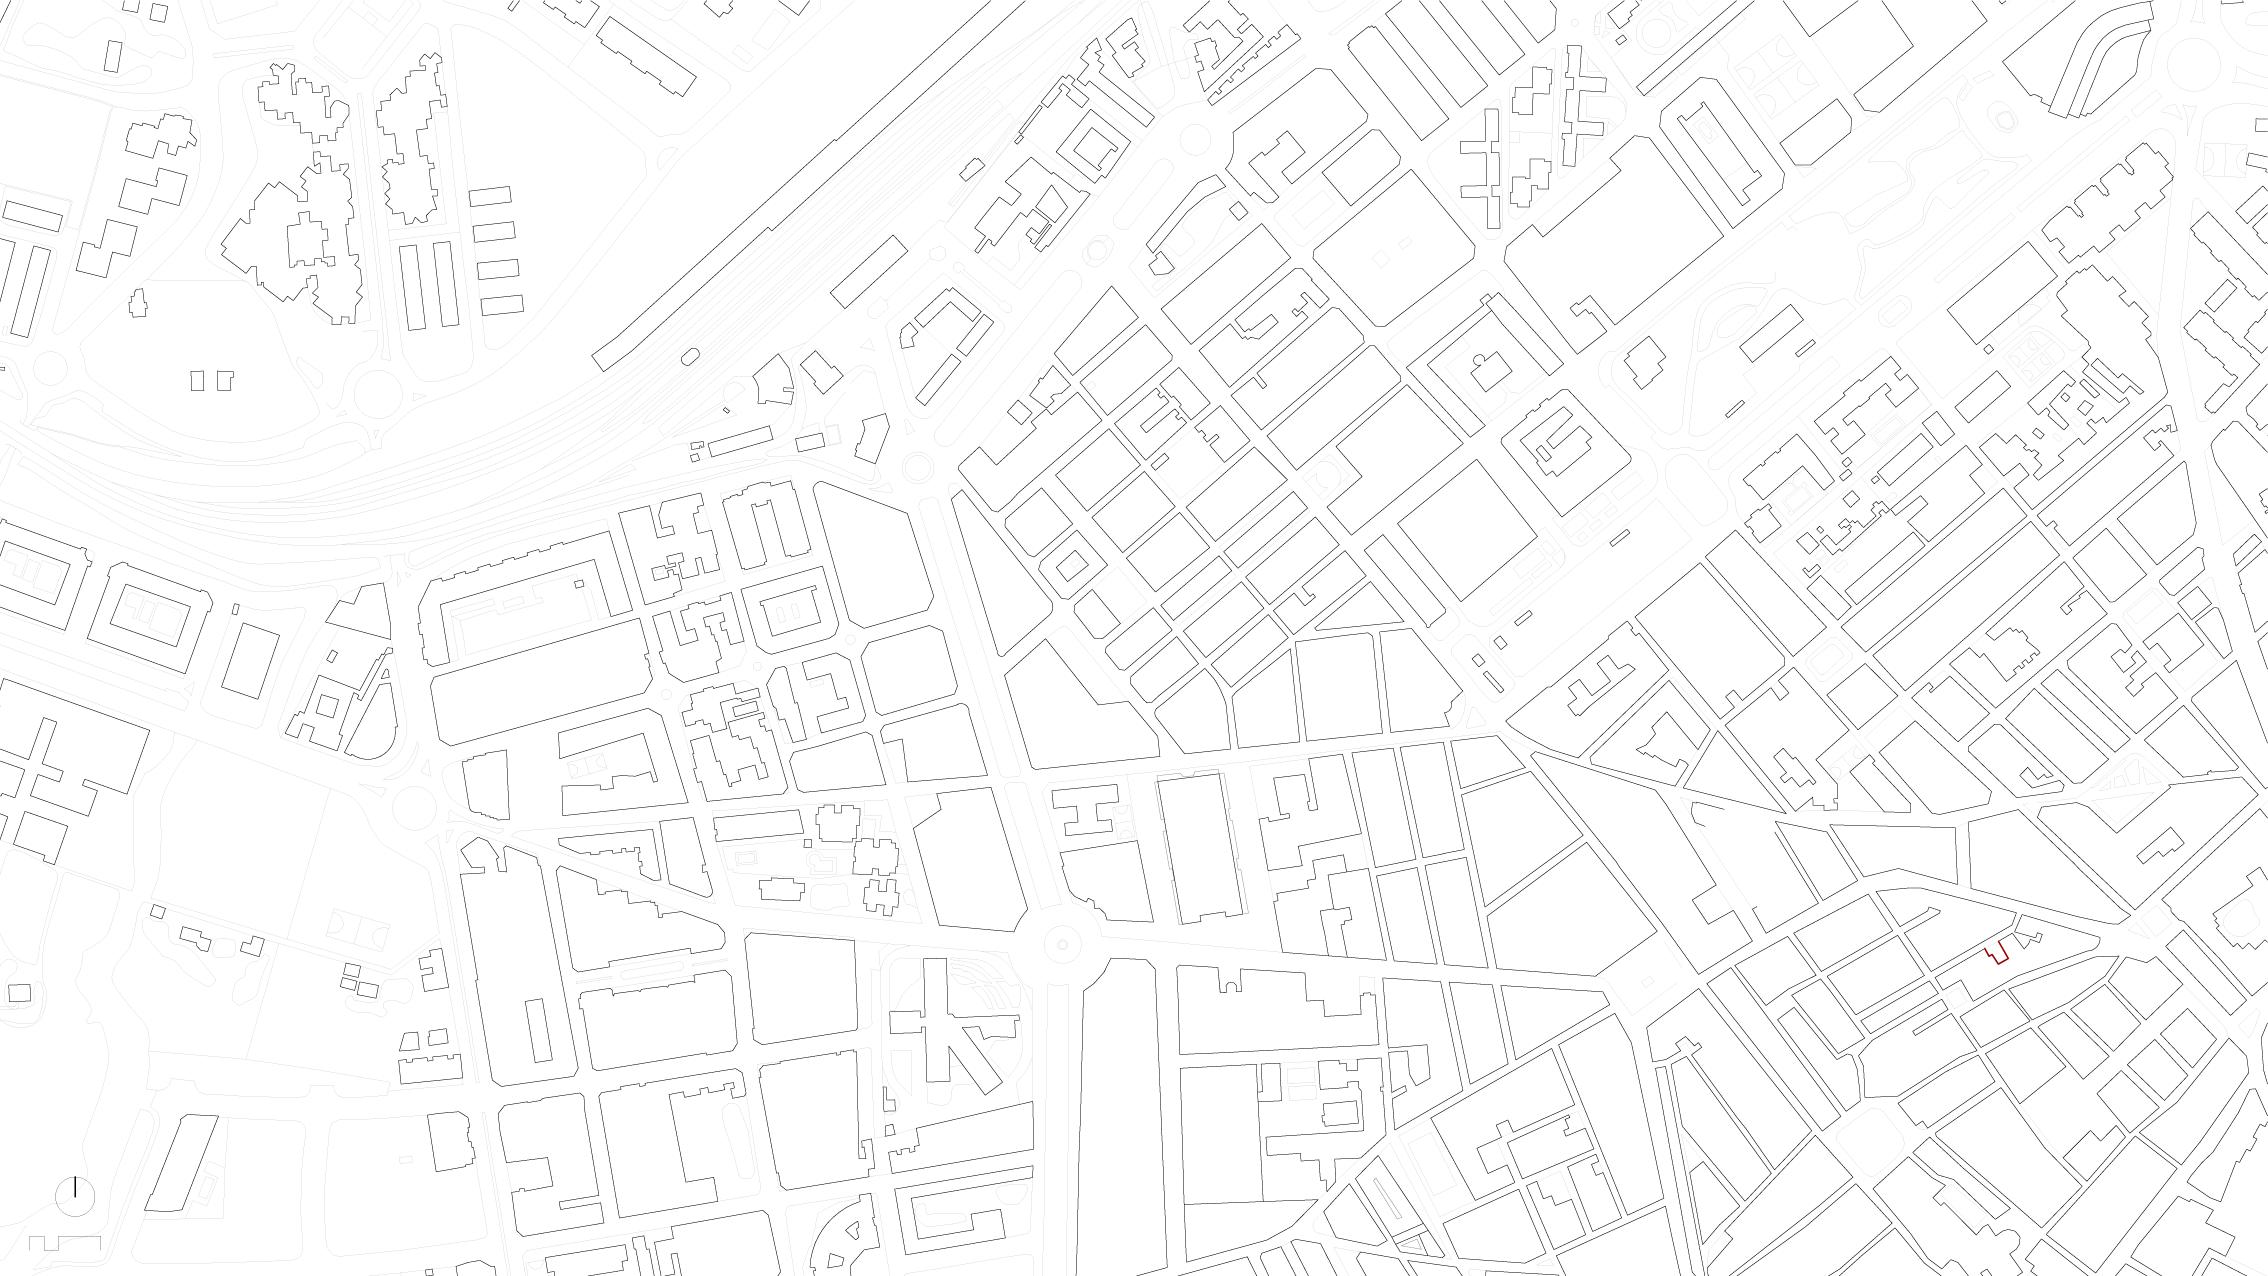 emplaçament-2000-wb.png